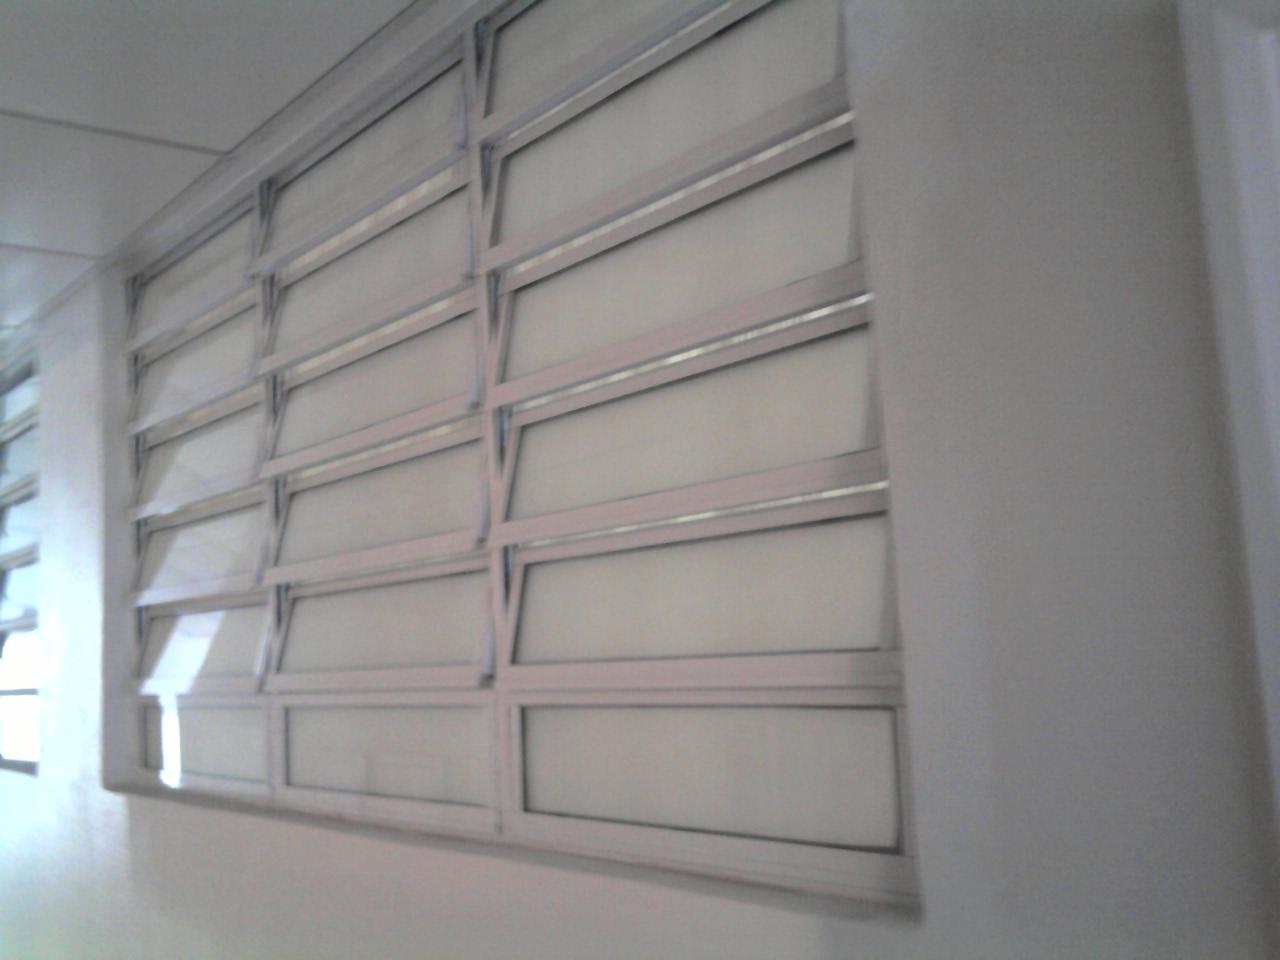 #4B7180  Vidros: Vitro basculante linha 25 com pintura eletrostatica branco 760 Joli Janelas De Aluminio Branco